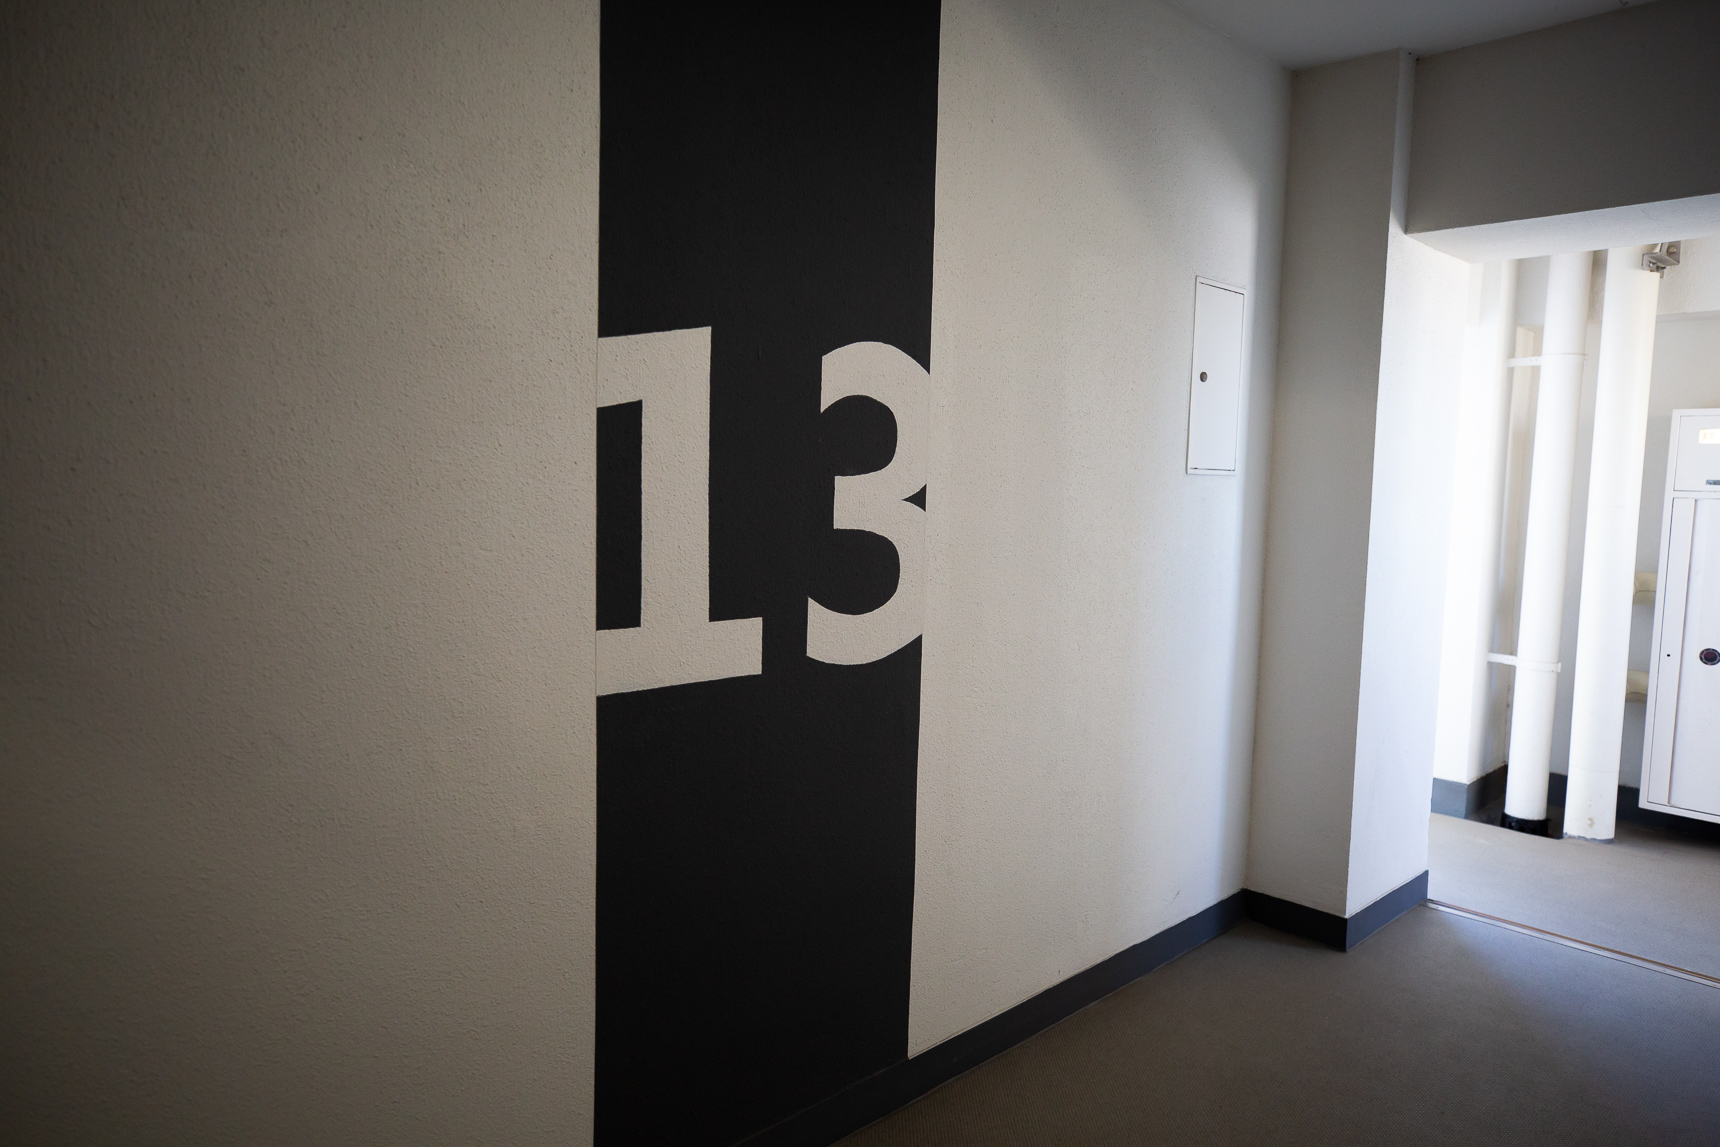 各棟の階数表示。デザイン性が高いです